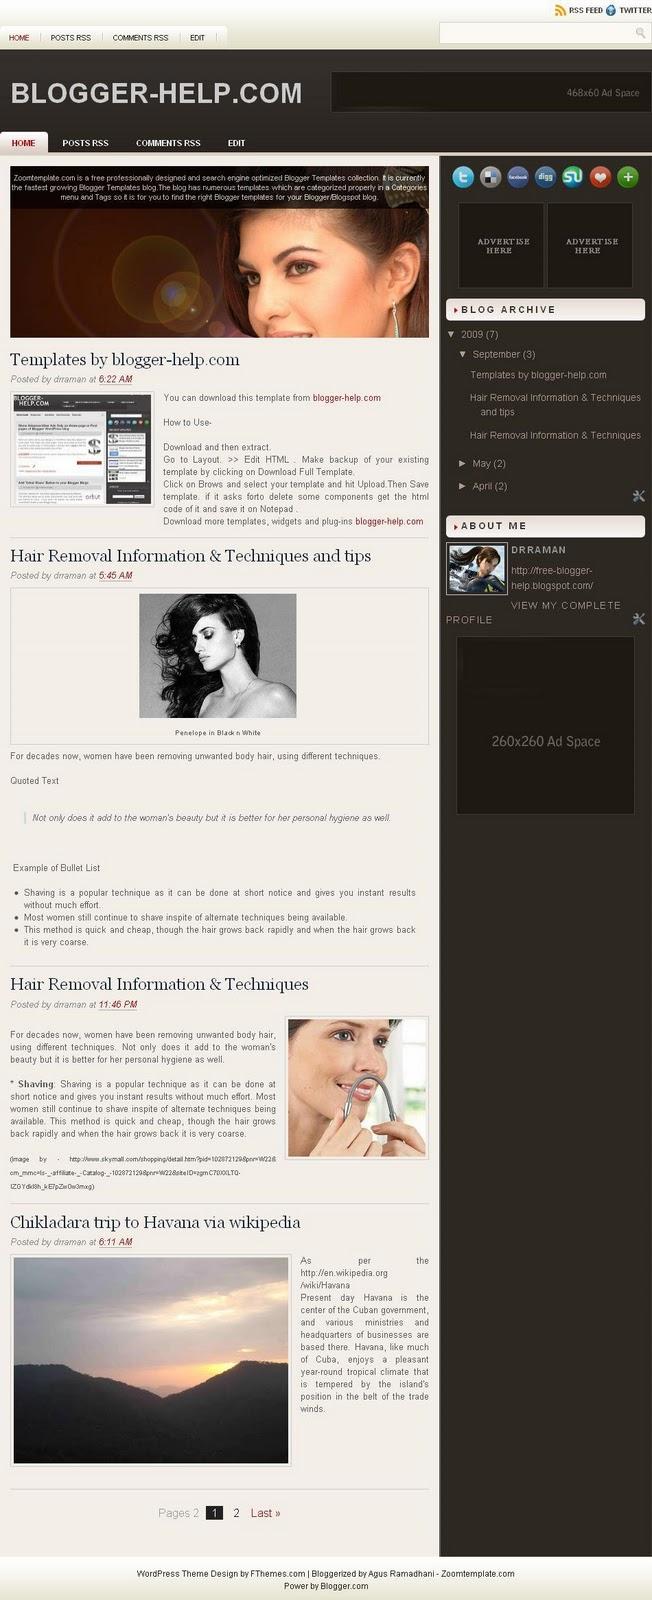 http://2.bp.blogspot.com/_DfvrIgCsQGA/TKGYkgJrMYI/AAAAAAAAAxc/vOjqNMibsl4/s1600/Blogger-Help.com.jpg